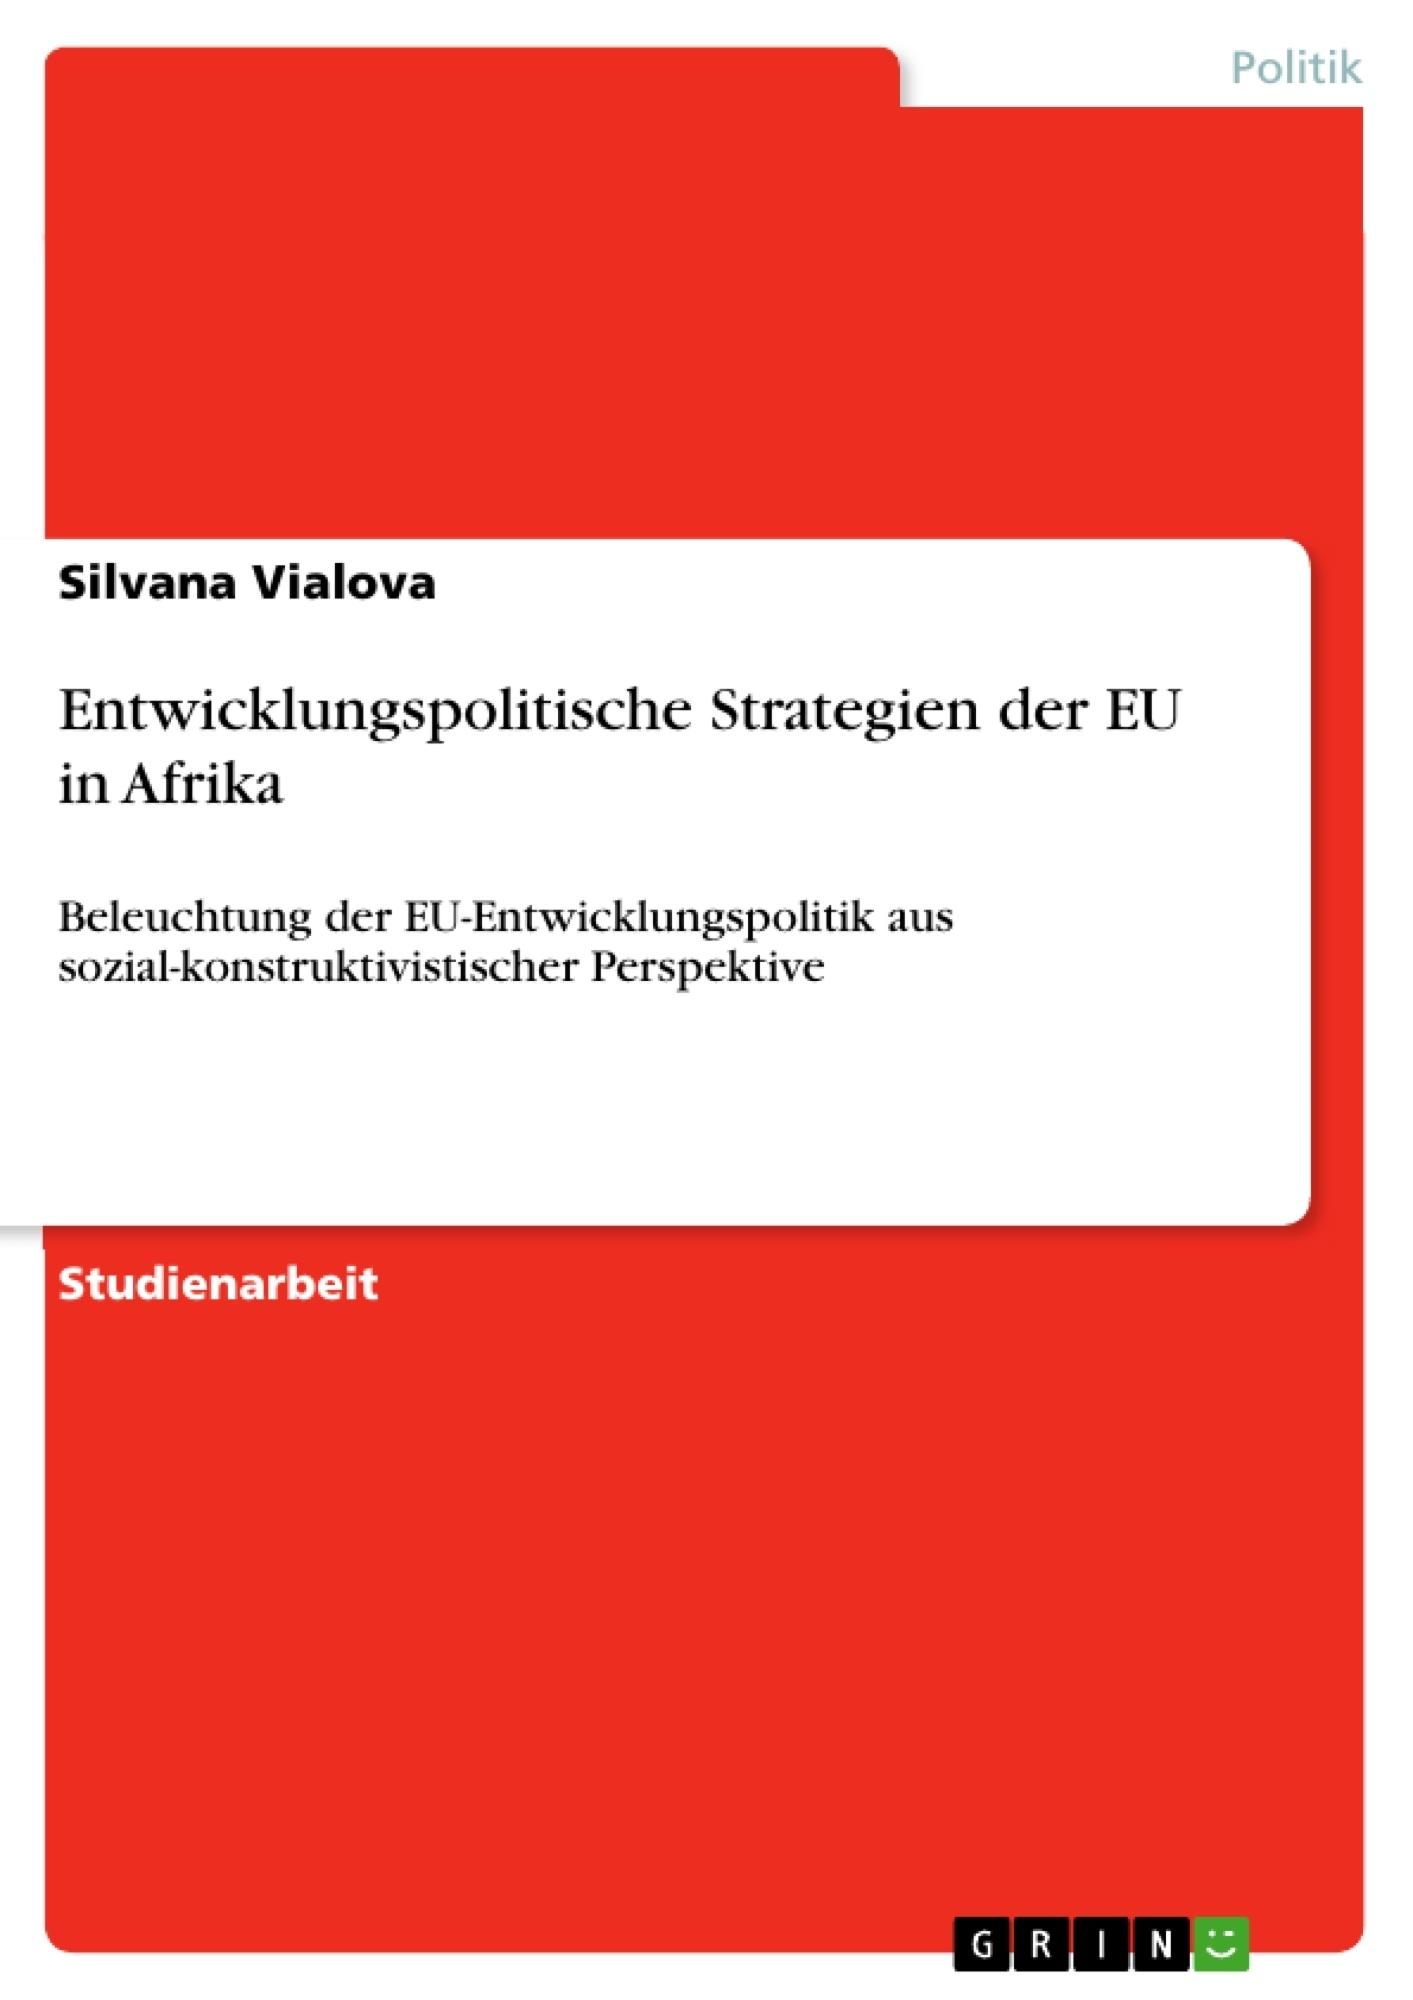 Titel: Entwicklungspolitische Strategien der EU in Afrika